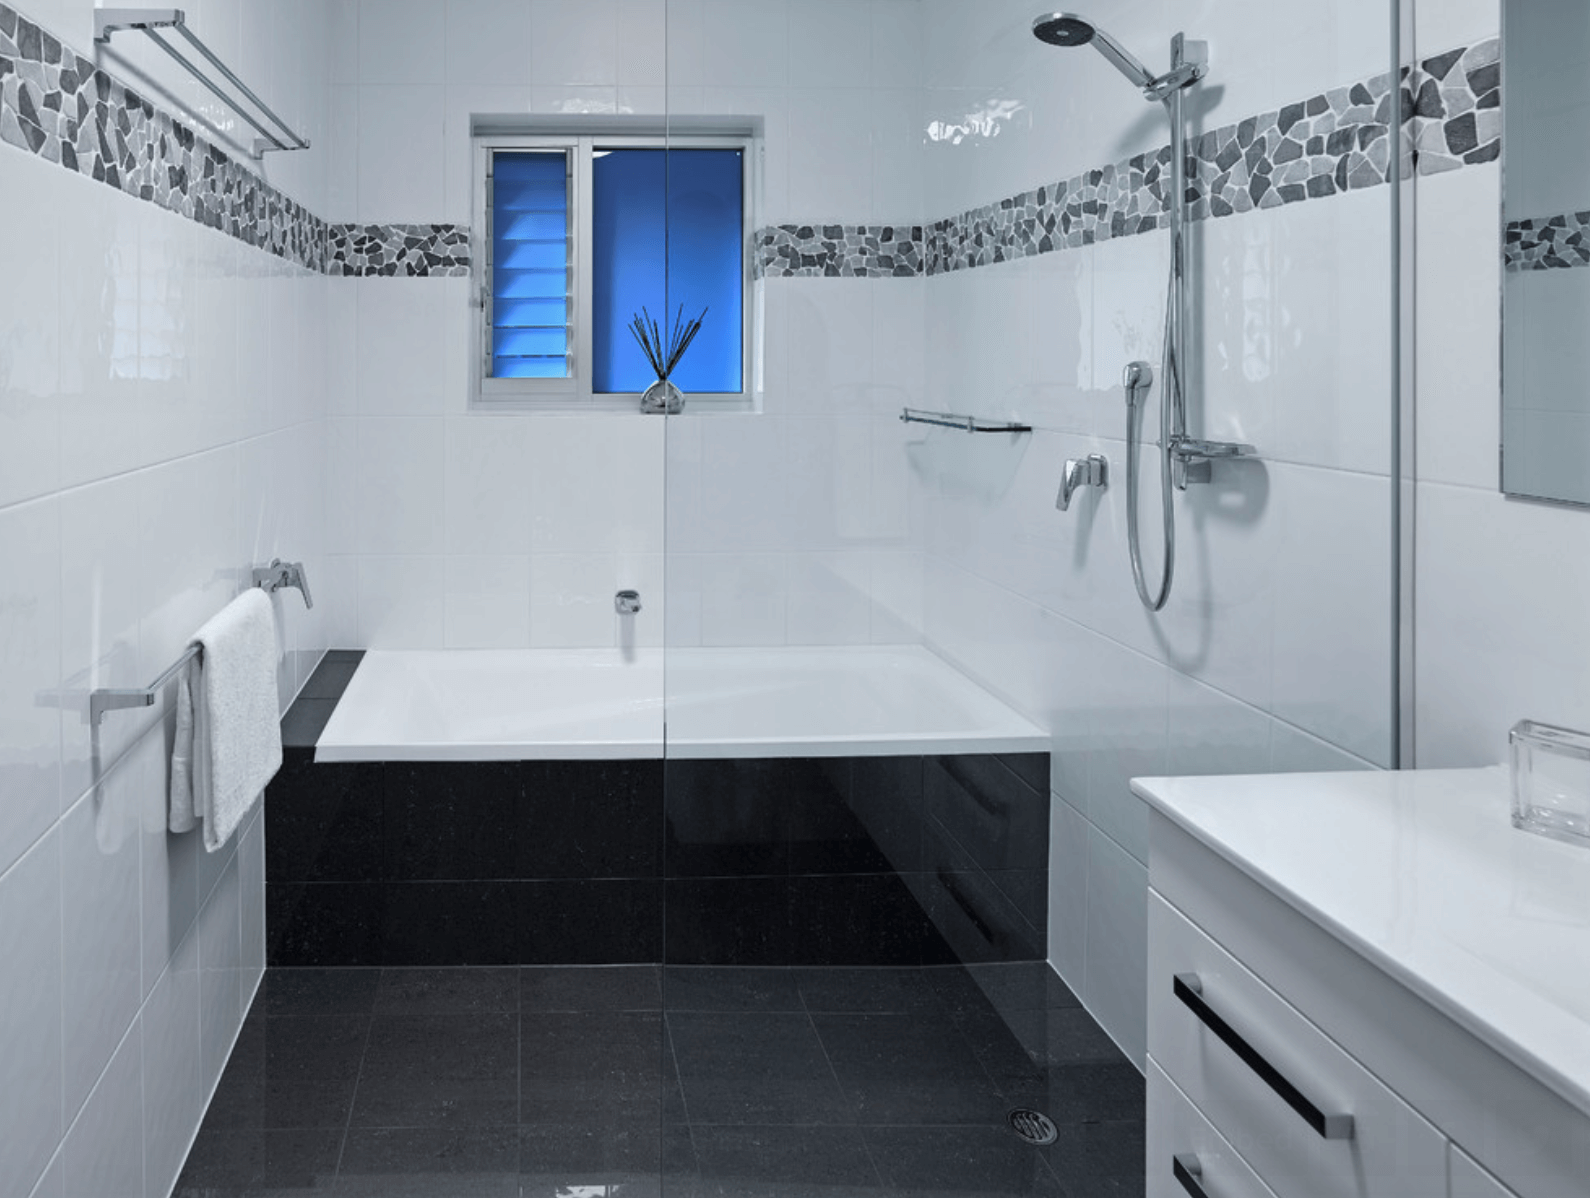 Imagens de #0068CC Banheiros Pequenos Fotos e Dicas Imperdíveis Arquidicas 1590x1198 px 3726 Banheiros Planejados Preto E Branco